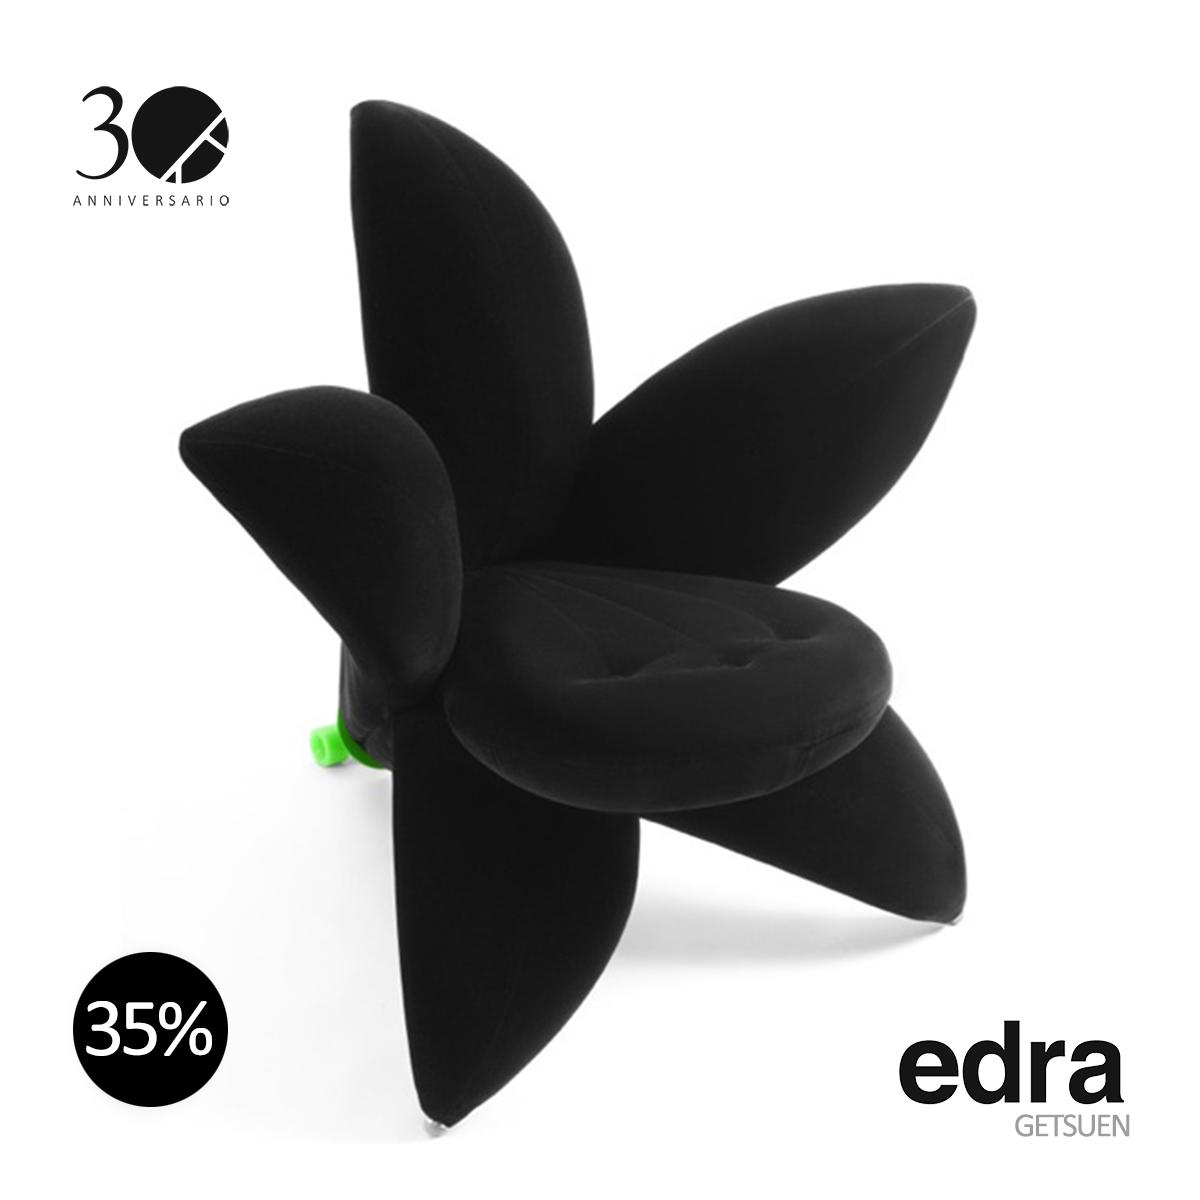 EDRA - GETSUEN